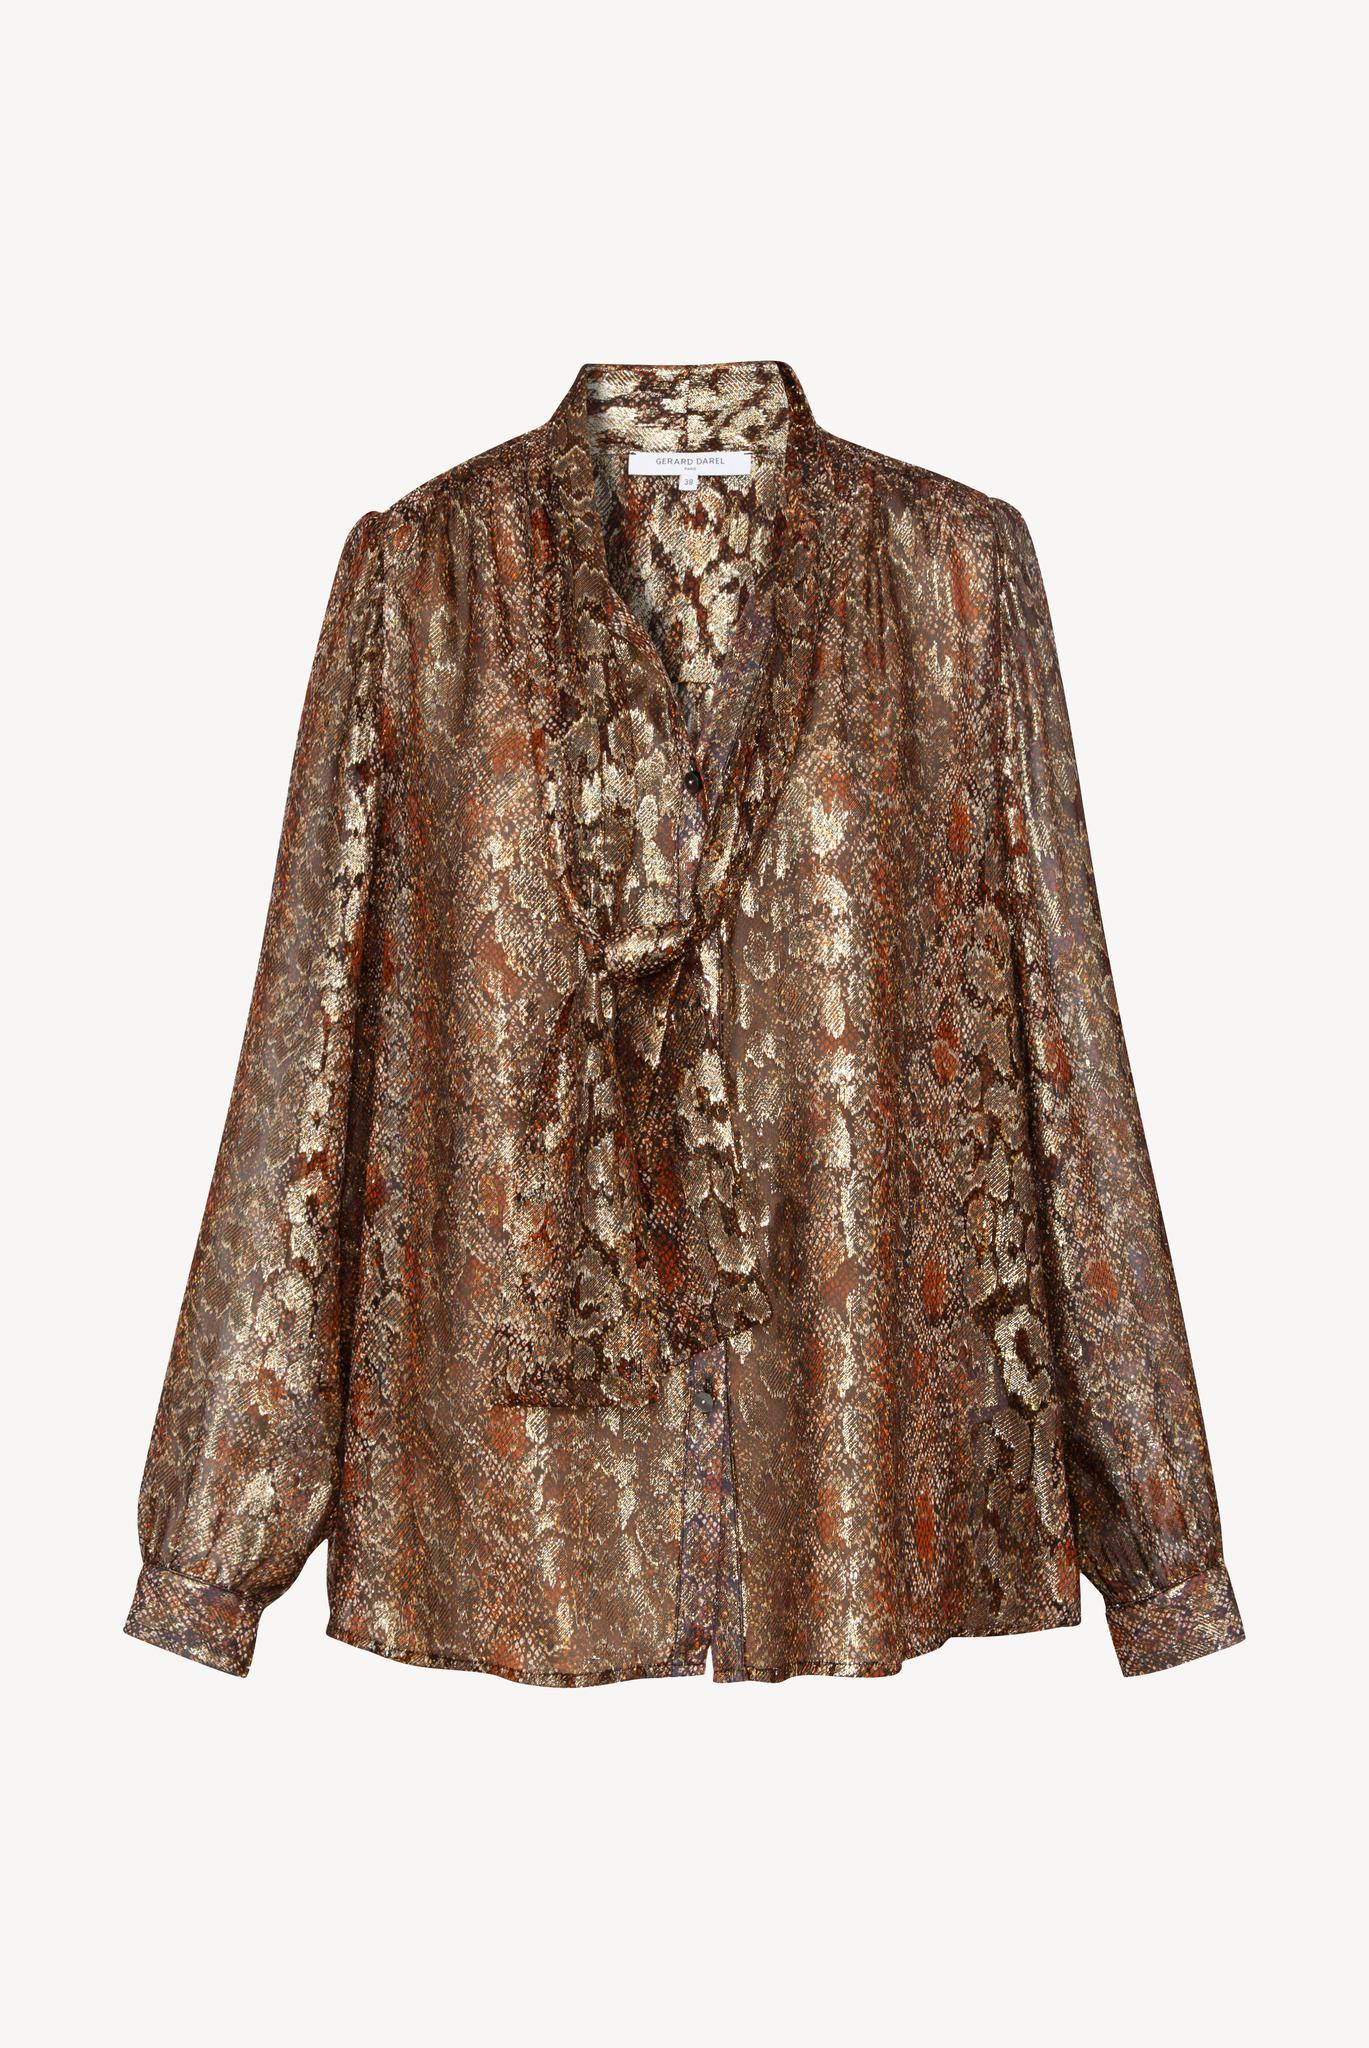 AUREA - Блуза из шелка с жаккардовым анималистичным принтом